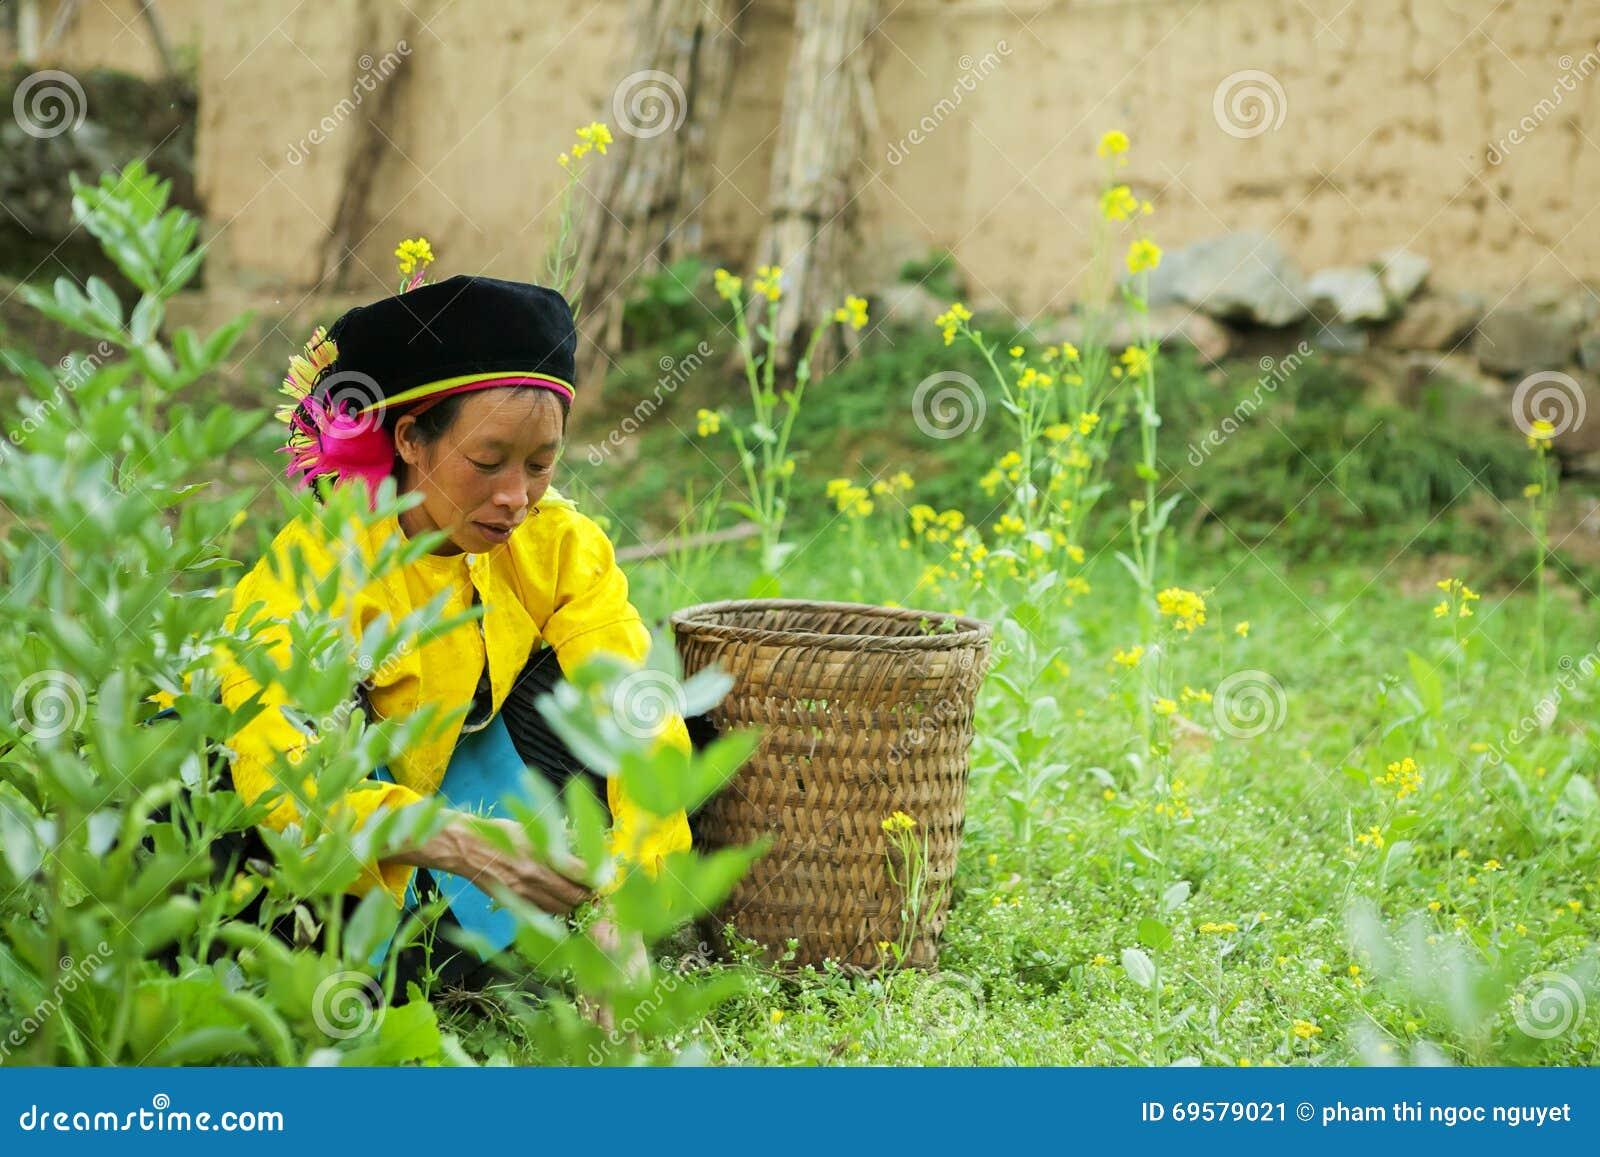 Mniejszości etnicznej kobiety działanie